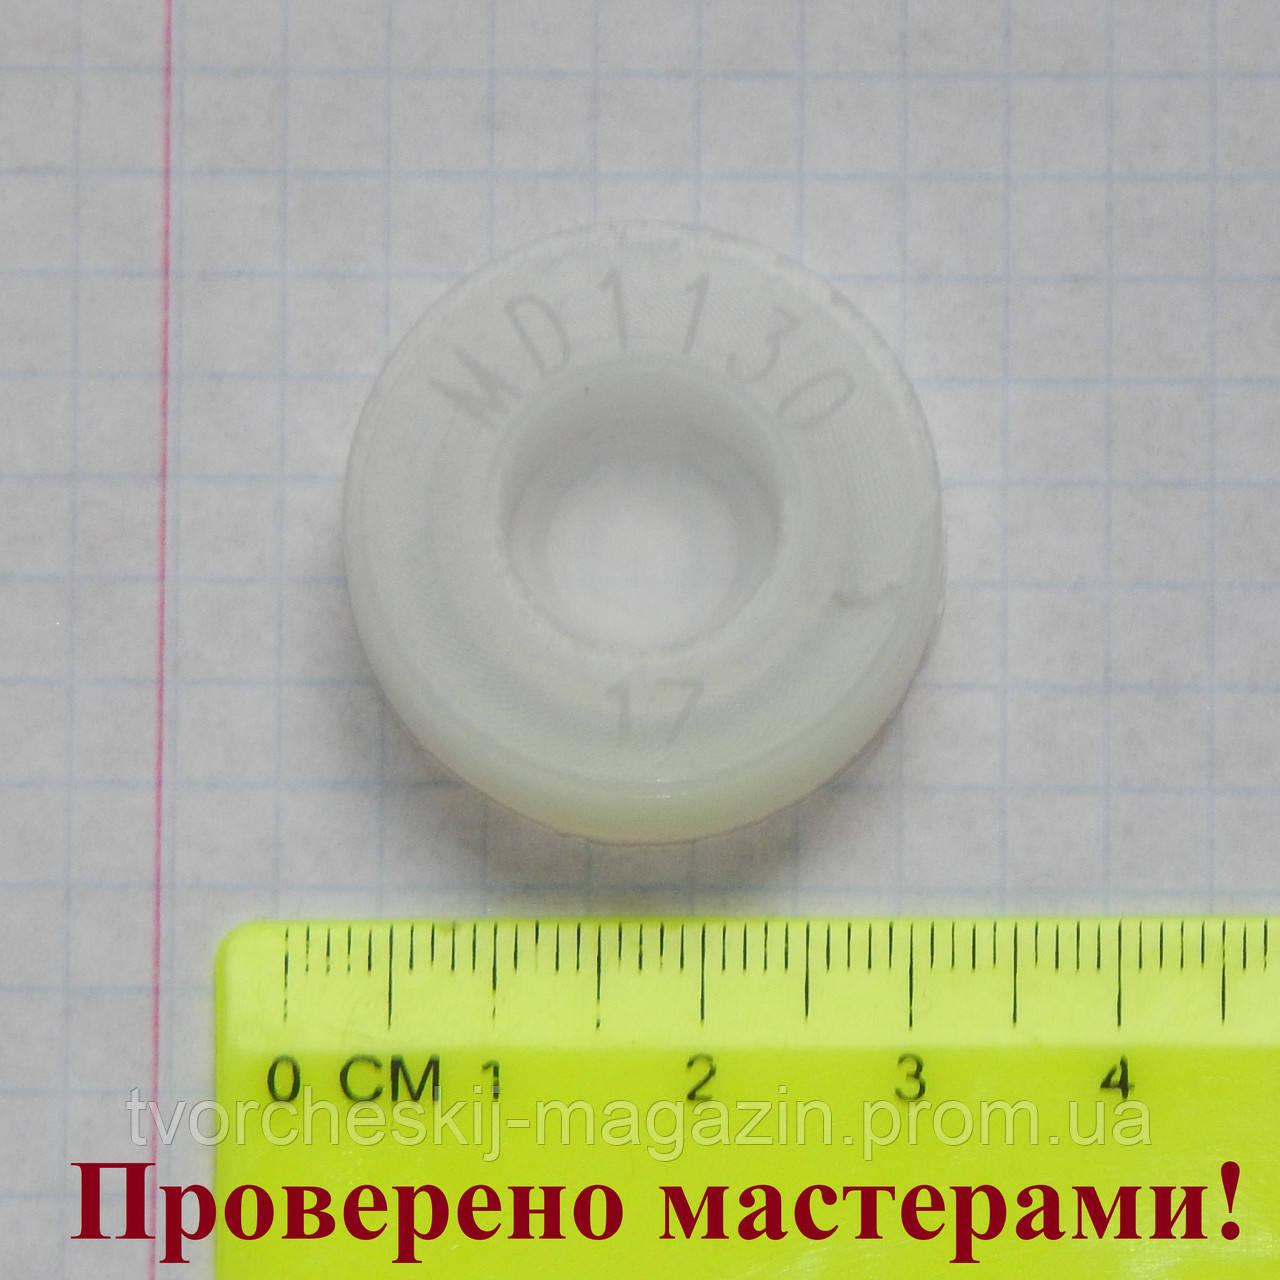 форма для эпоксидной смолы кольцо 17 размер силиконовый молд для кольца купить цена в запорожье и в украине материалы для изготовления украшений